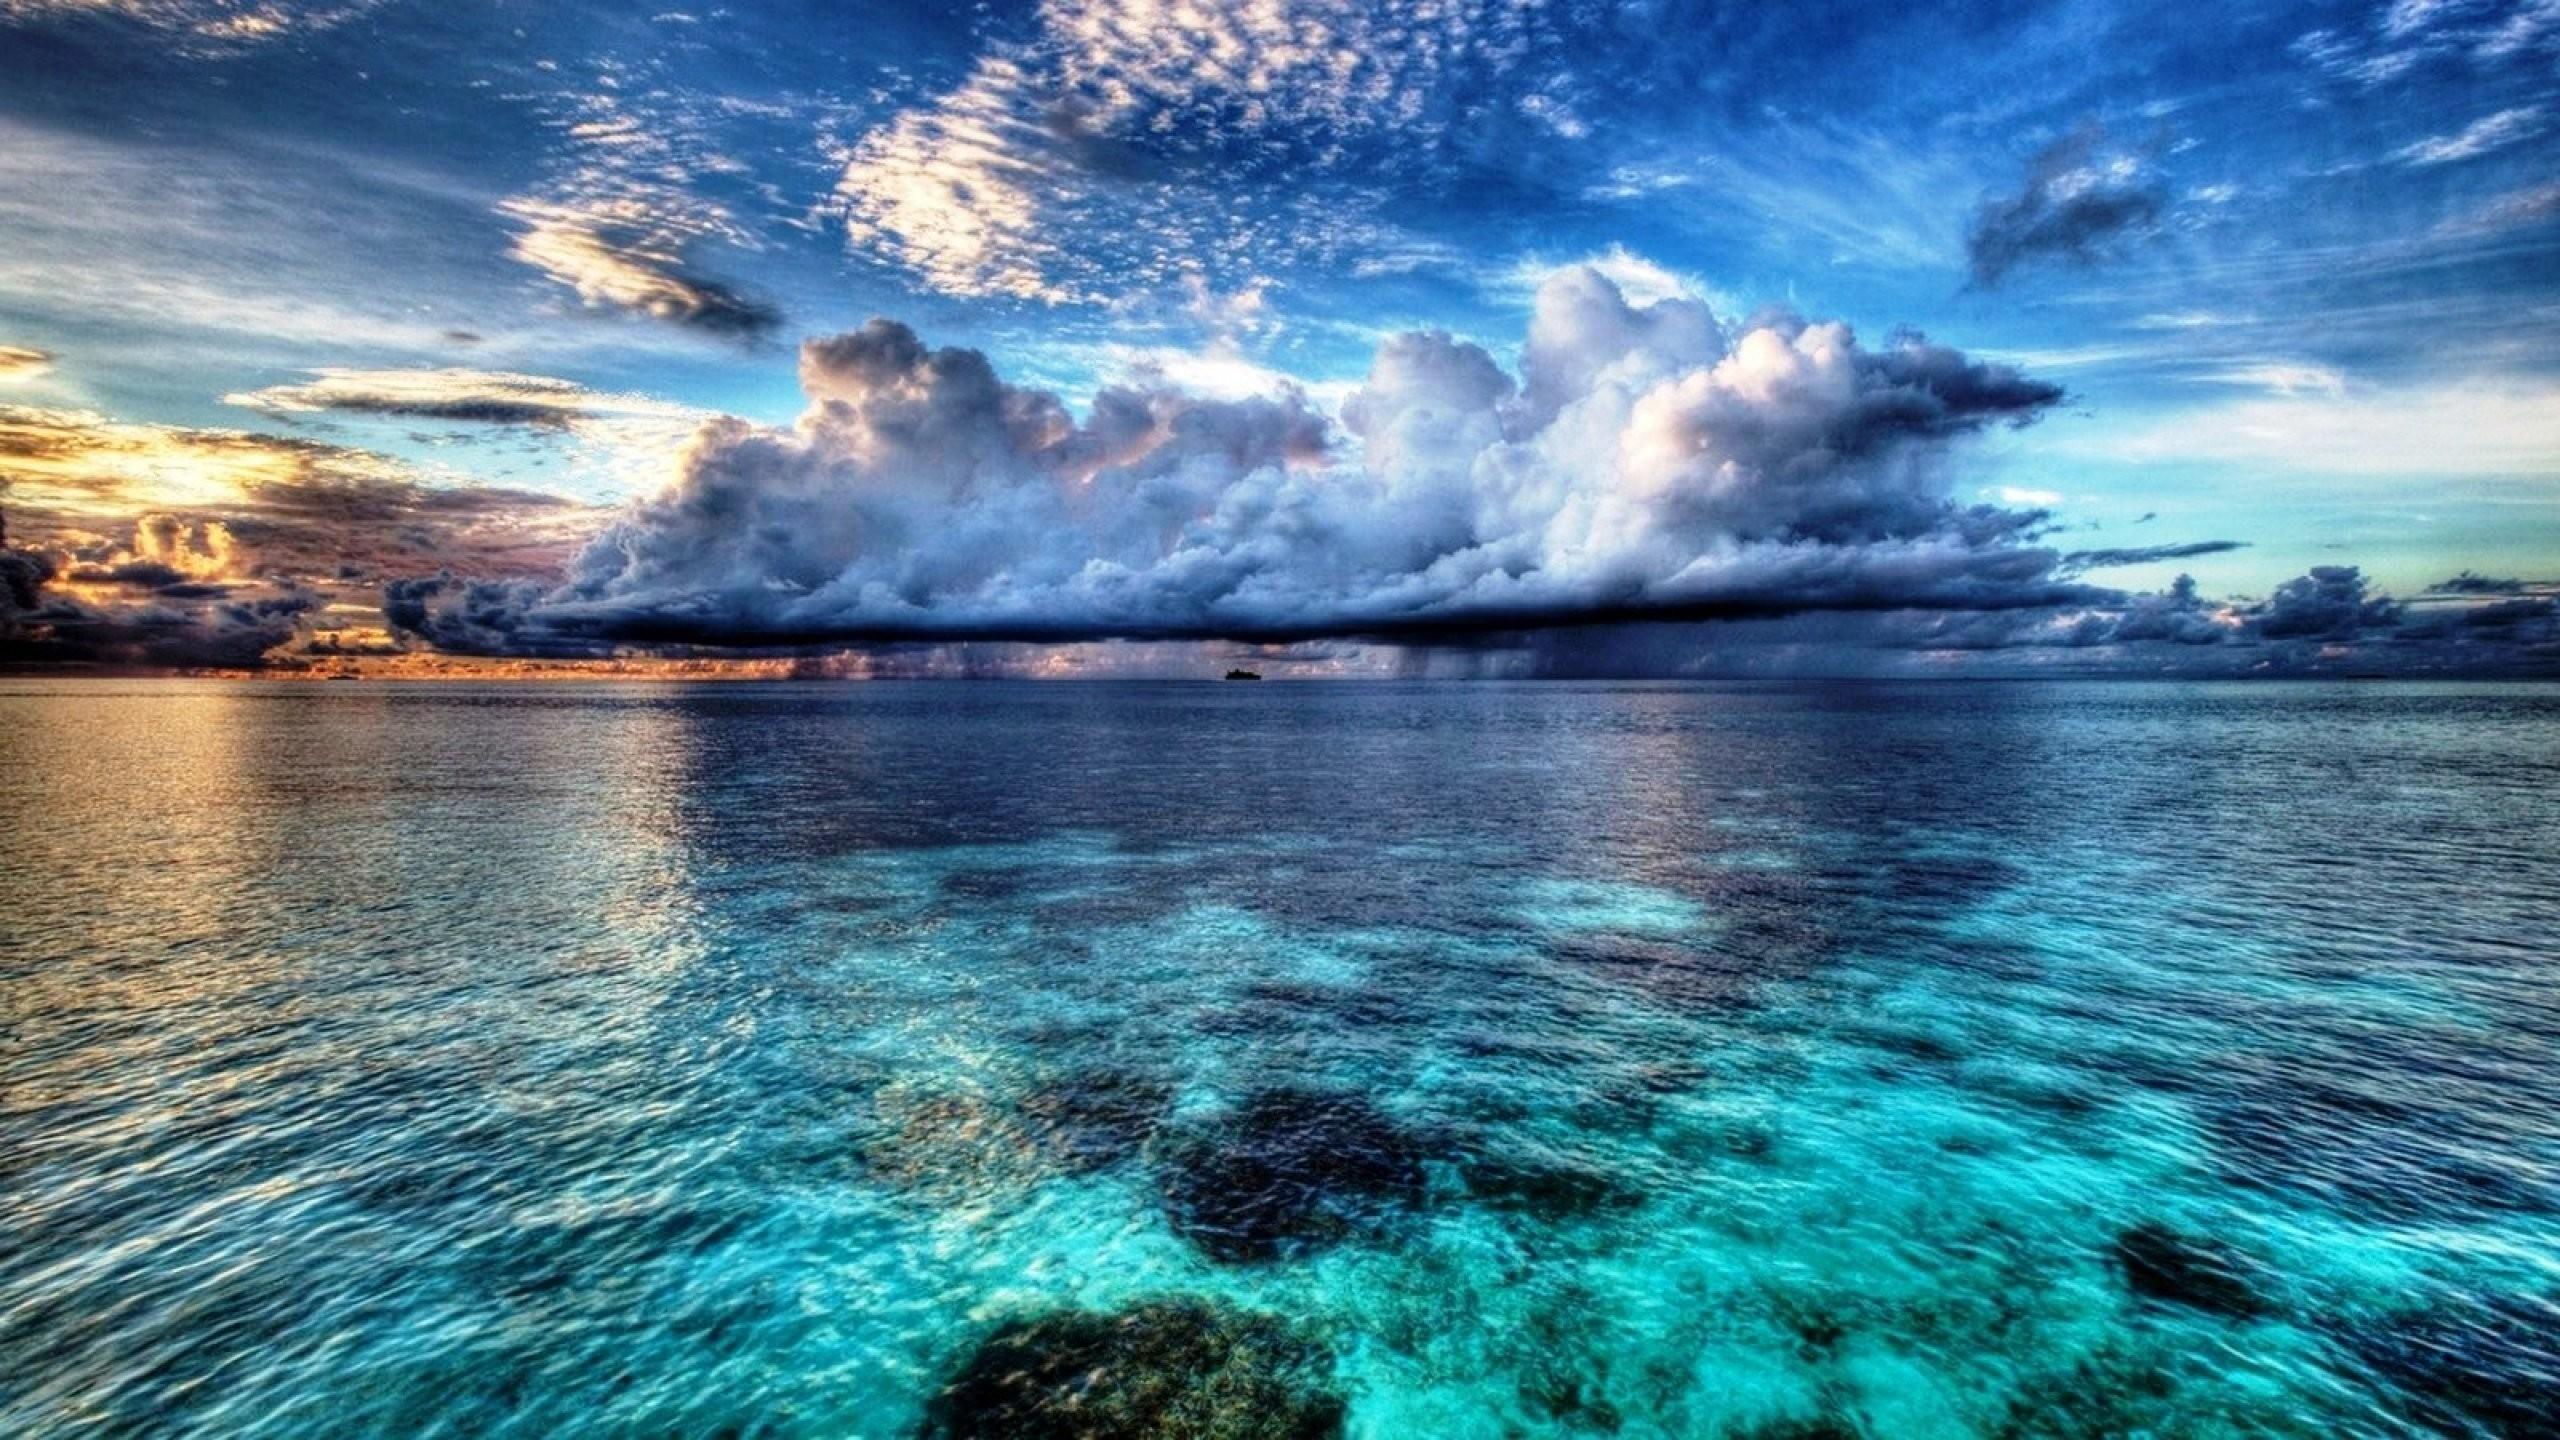 Desktop Wallpaper Ocean 71 Pictures